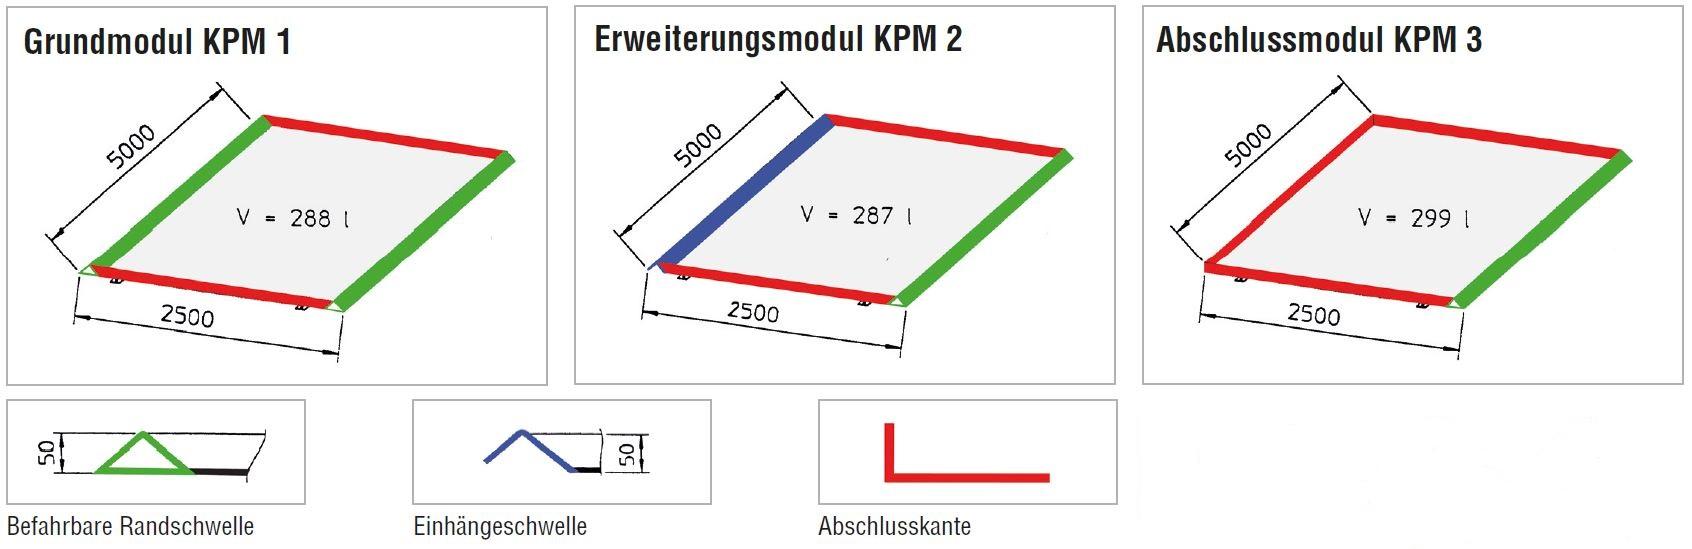 Grundmodul-Erweiterungsmodul